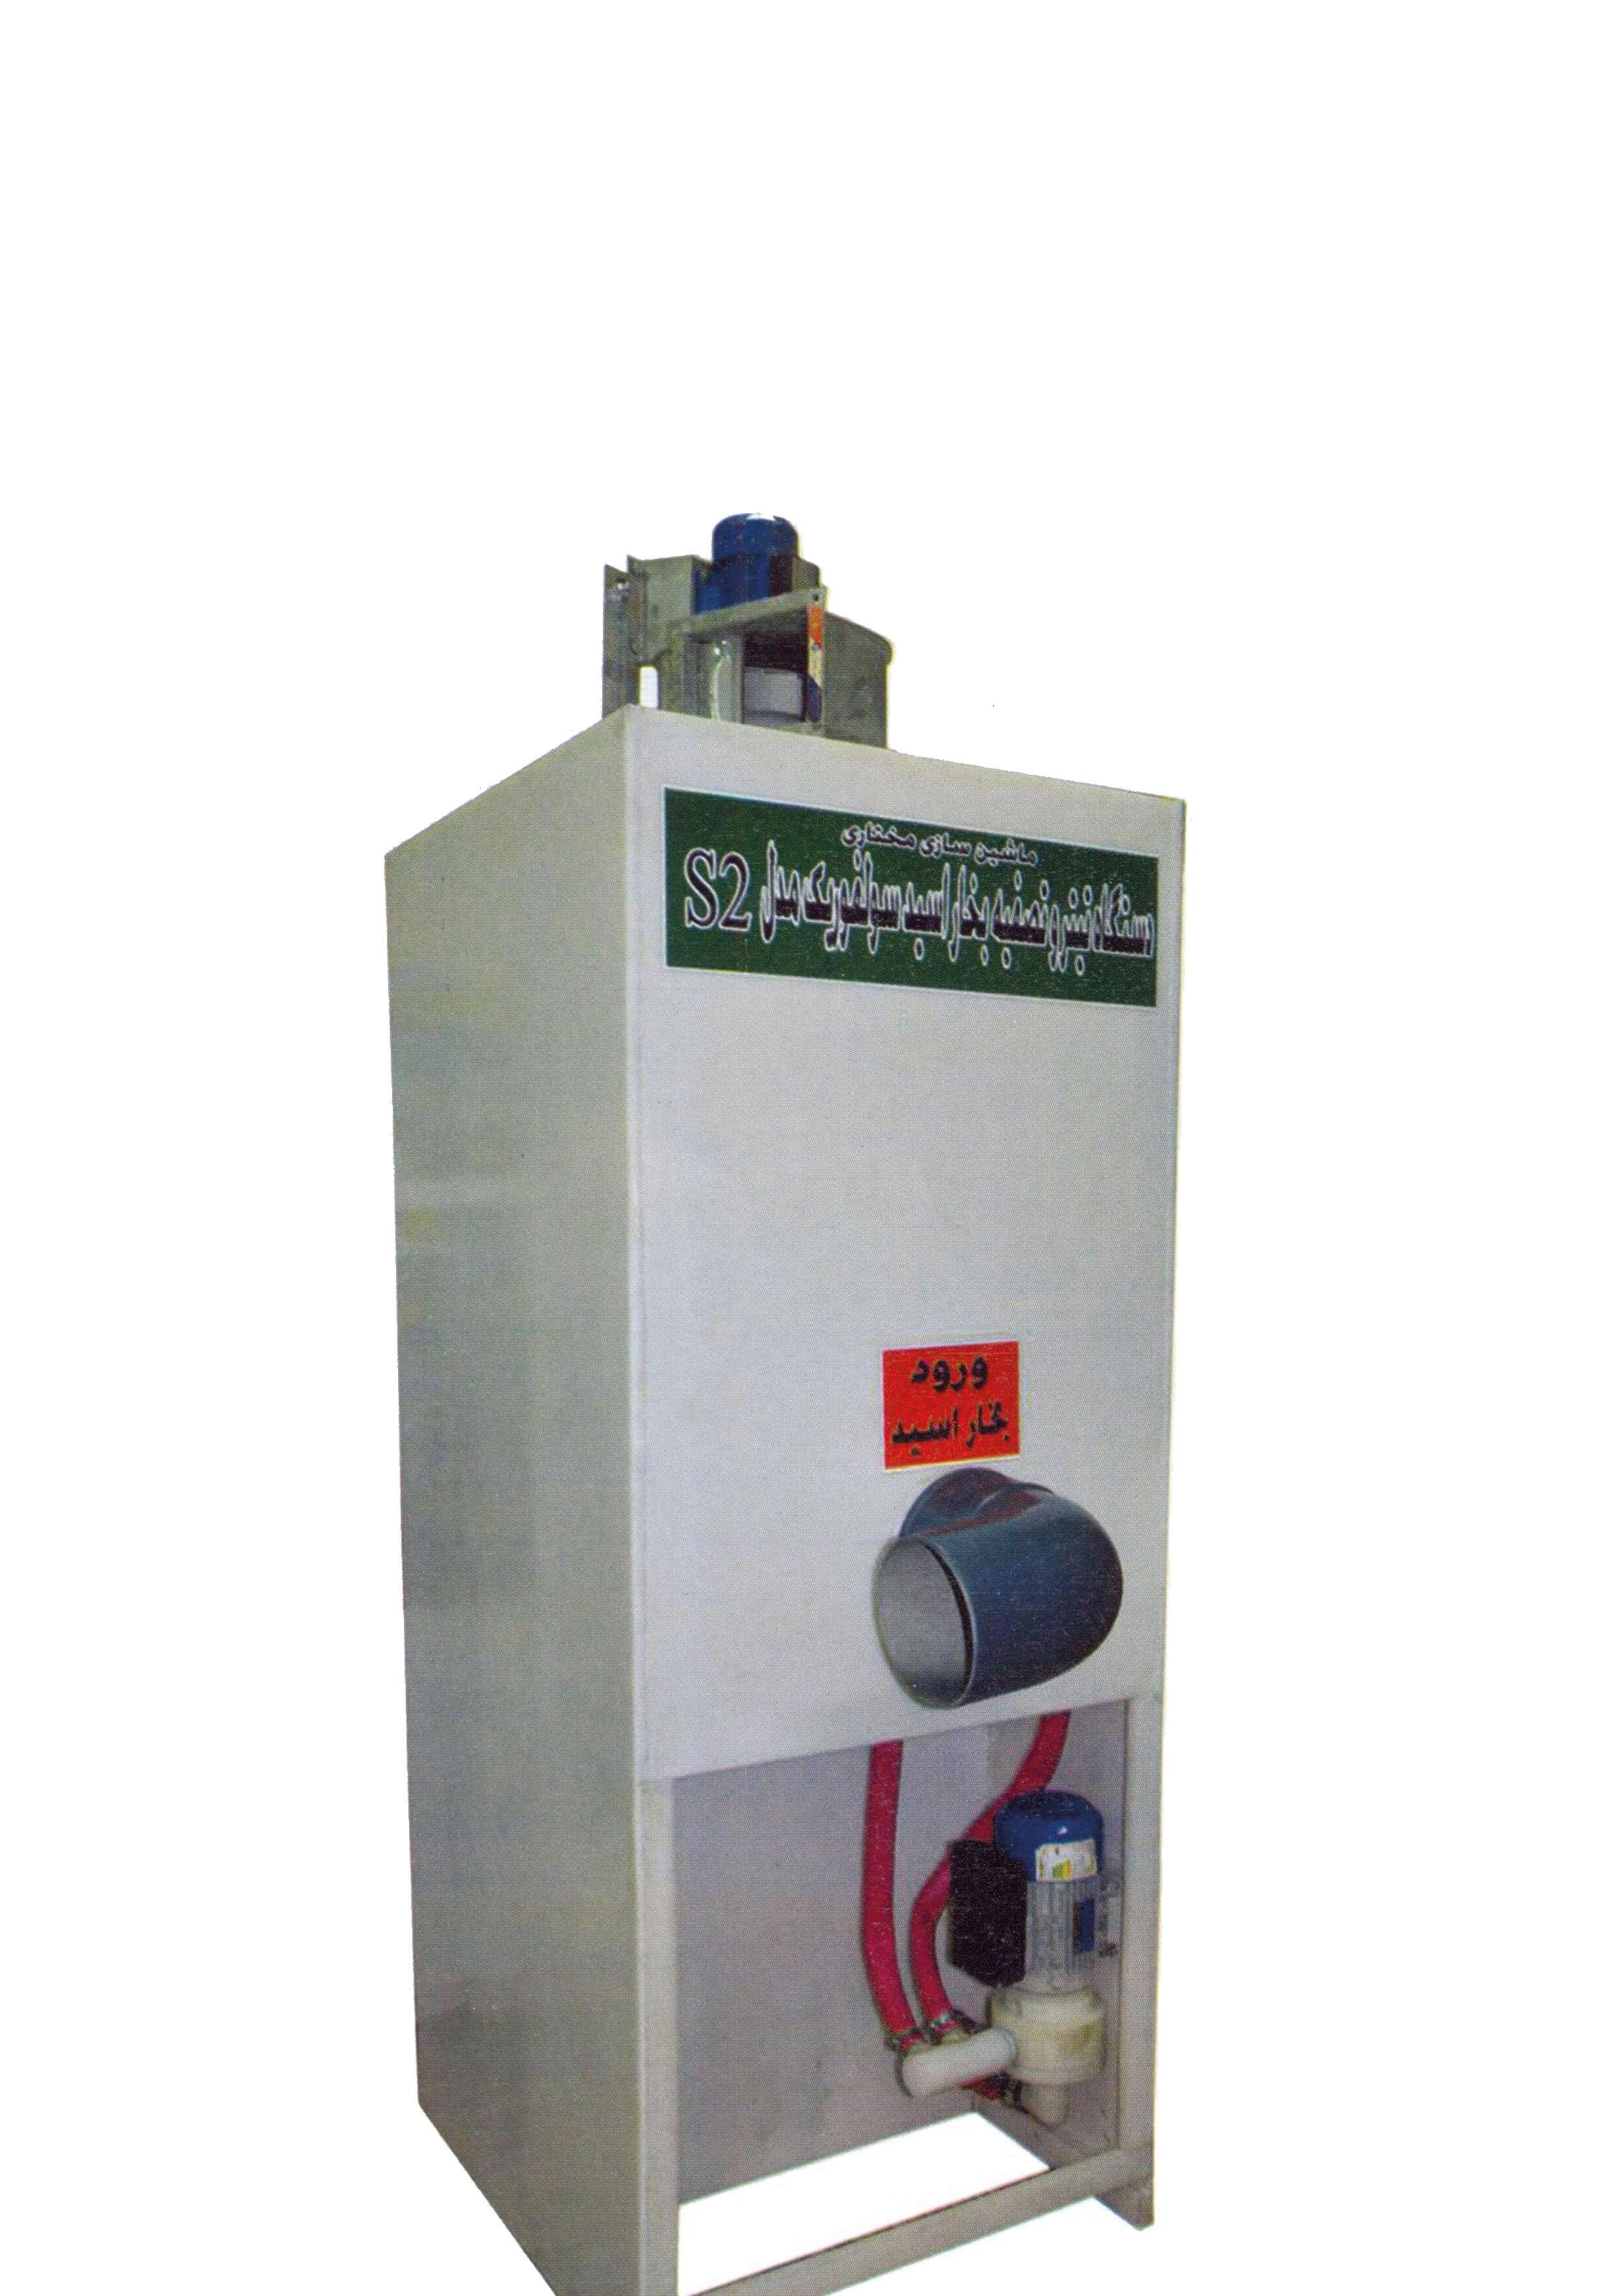 دستگاه تصفیه بخار اسید S2